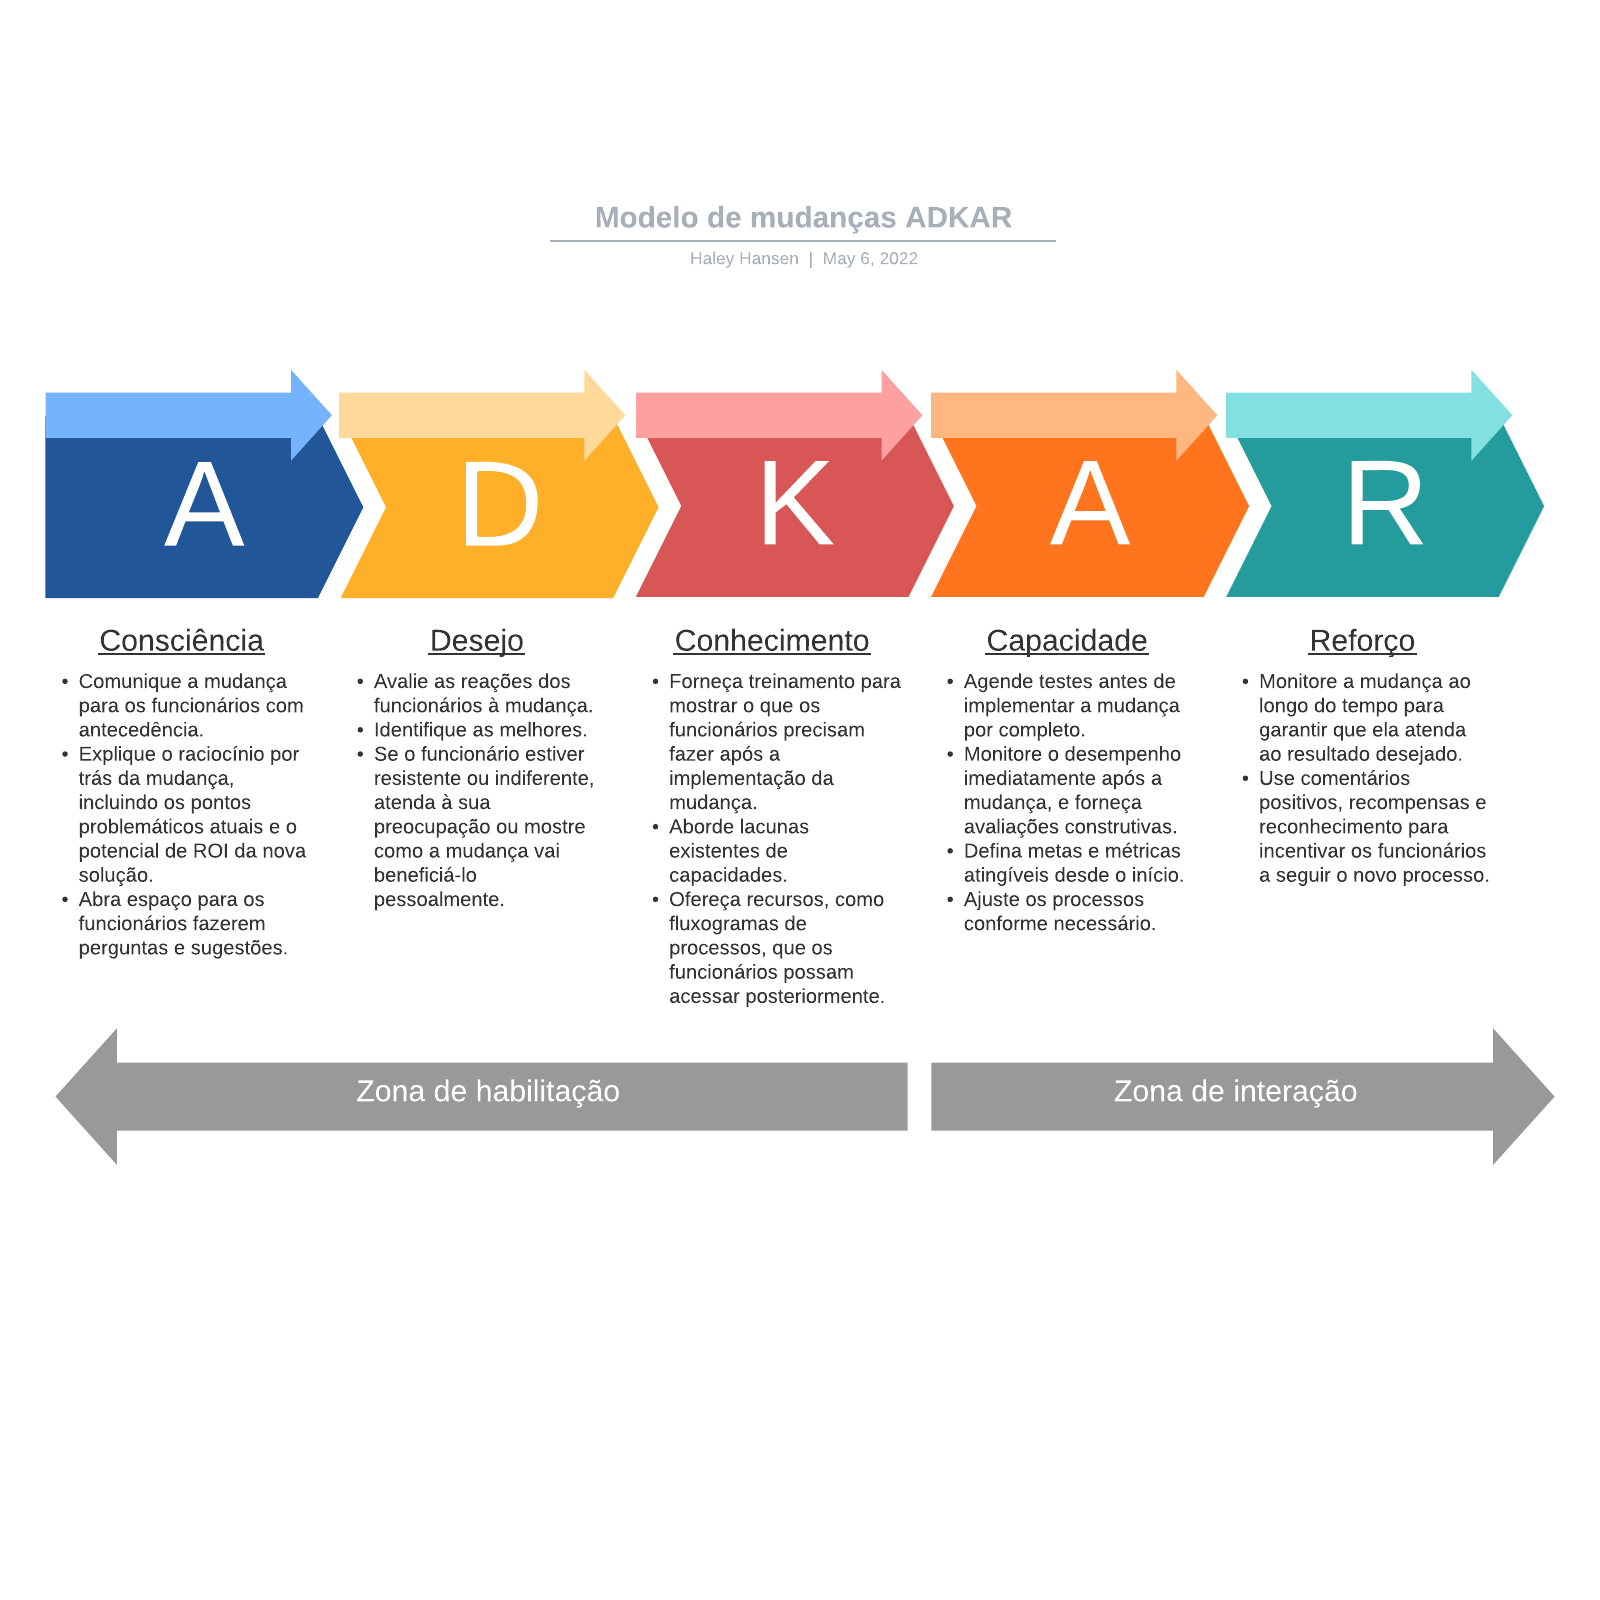 Modelo de mudanças ADKAR